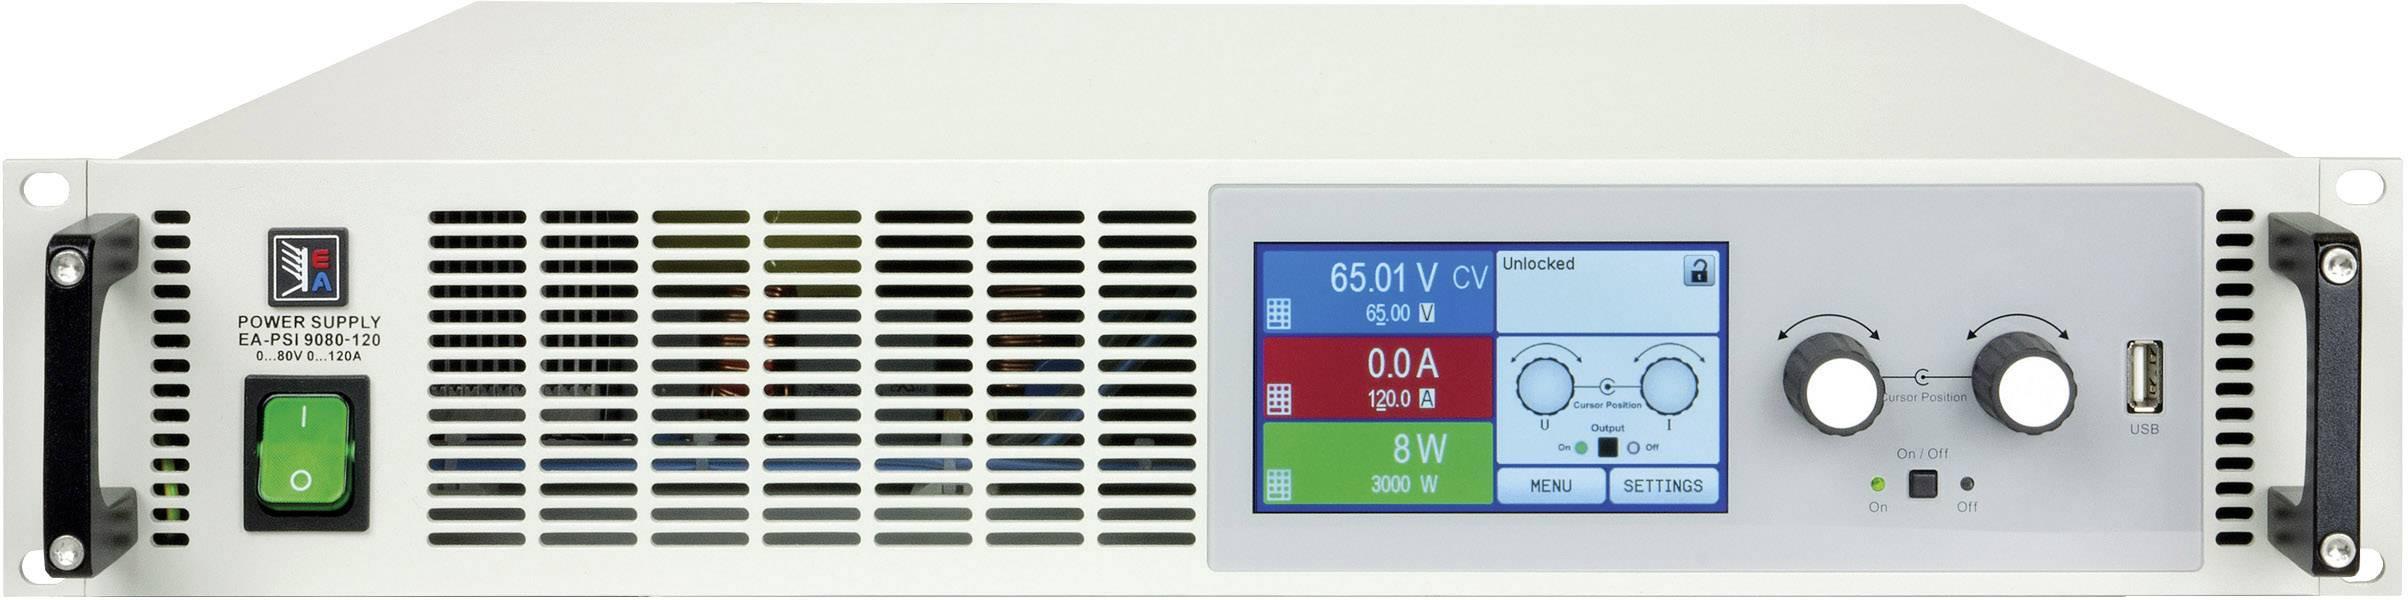 Programovatelný laboratorní zdroj EA EA-PSI 9080-40, 2U, 80 V, 40 A, 1000 W, USB